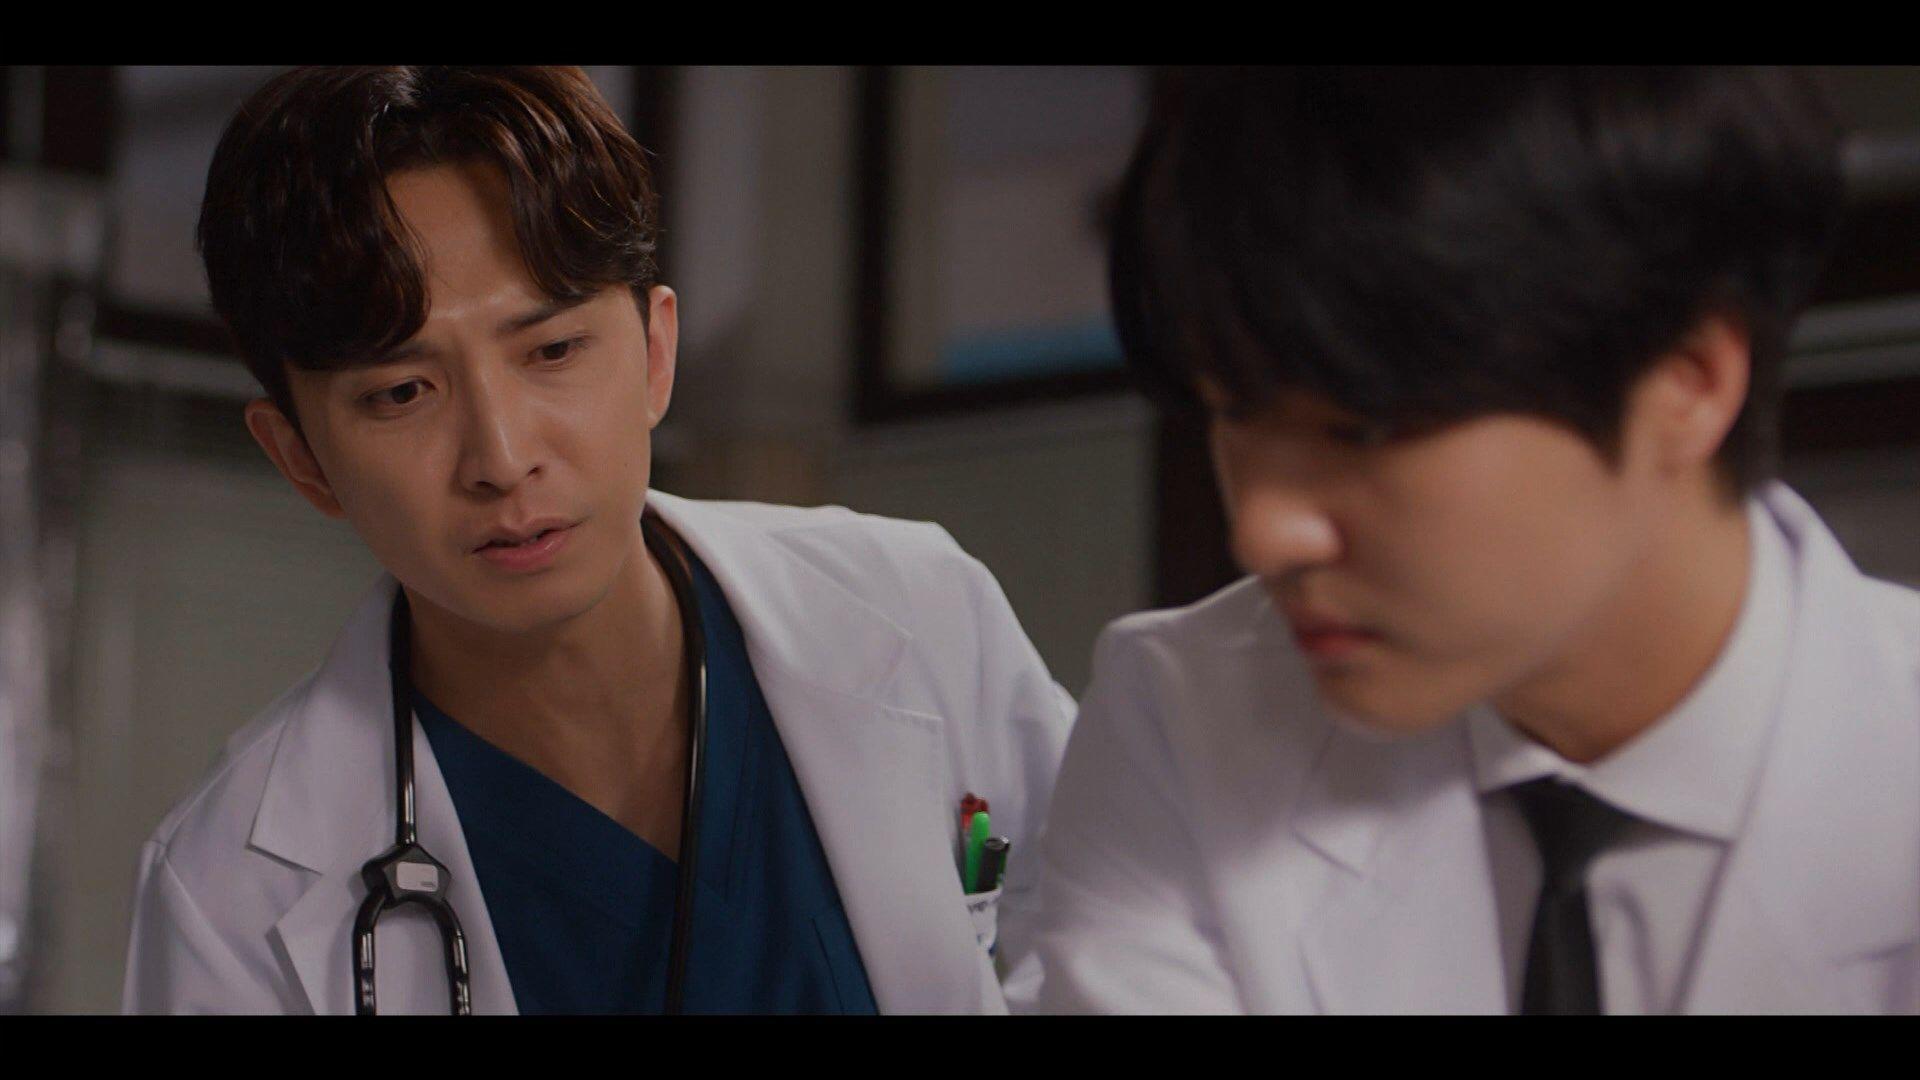 ไทย ซับ 2 dr ดู romantic ซีรีส์เกาหลี Dr.